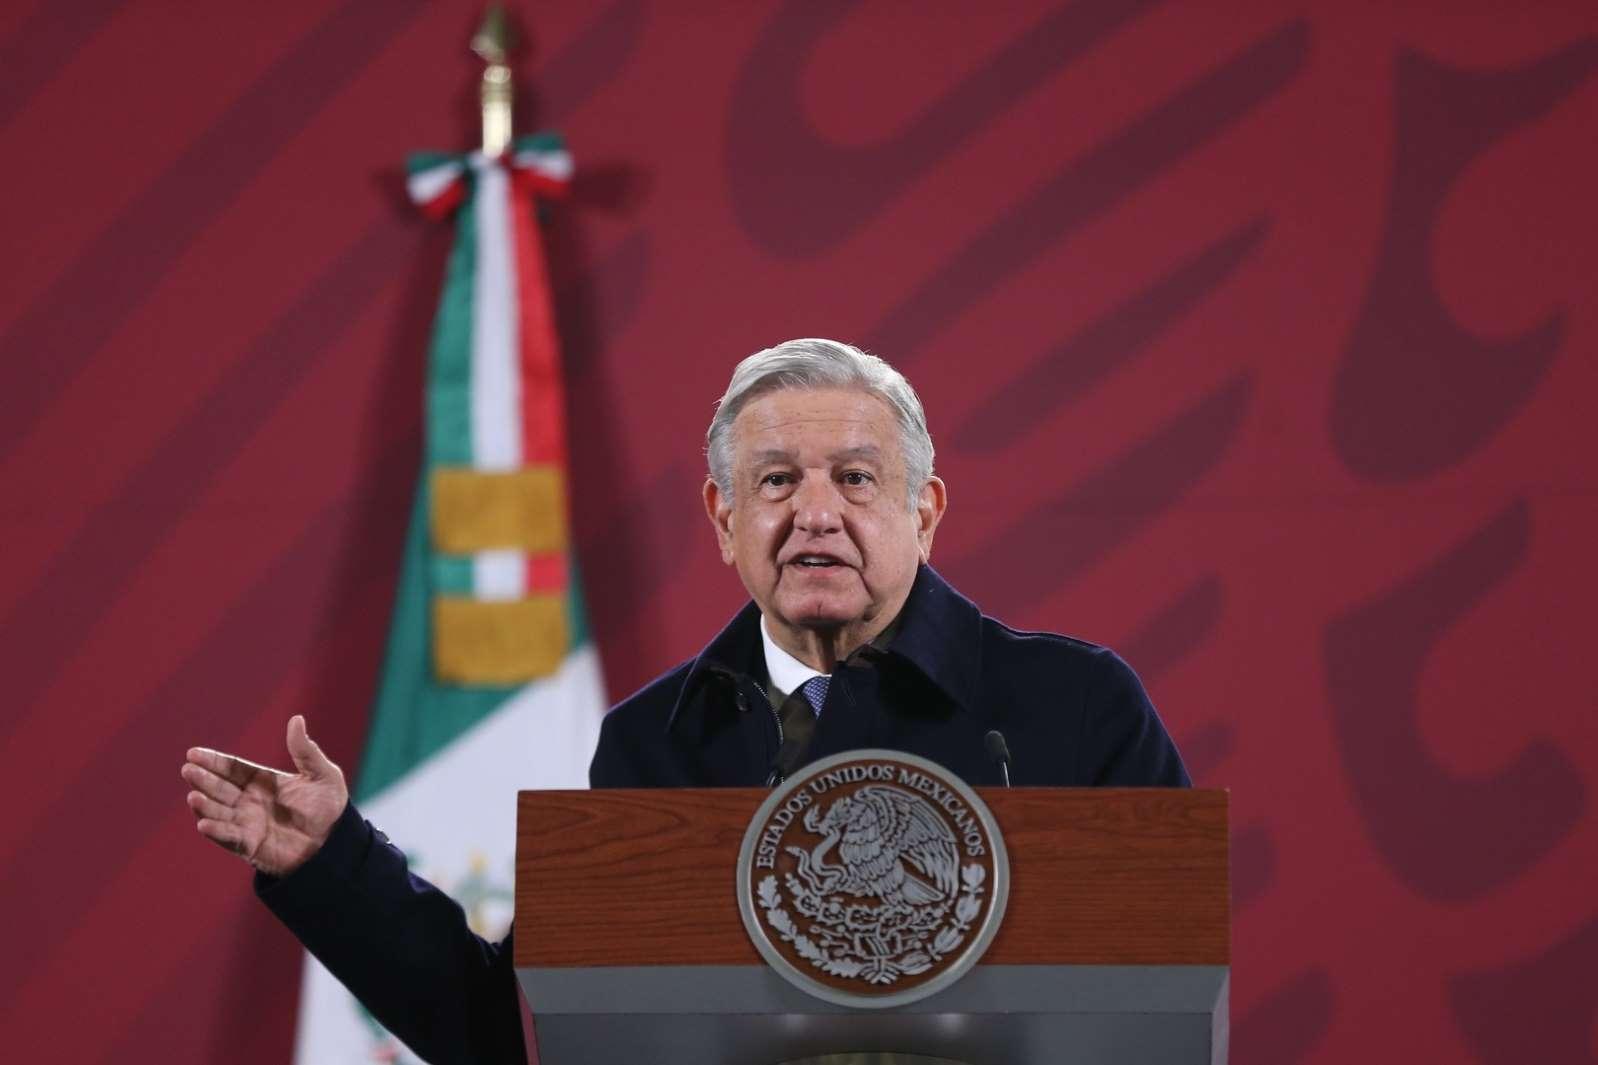 El presidente de México reconoce finalmente la victoria de Biden en EE.UU.